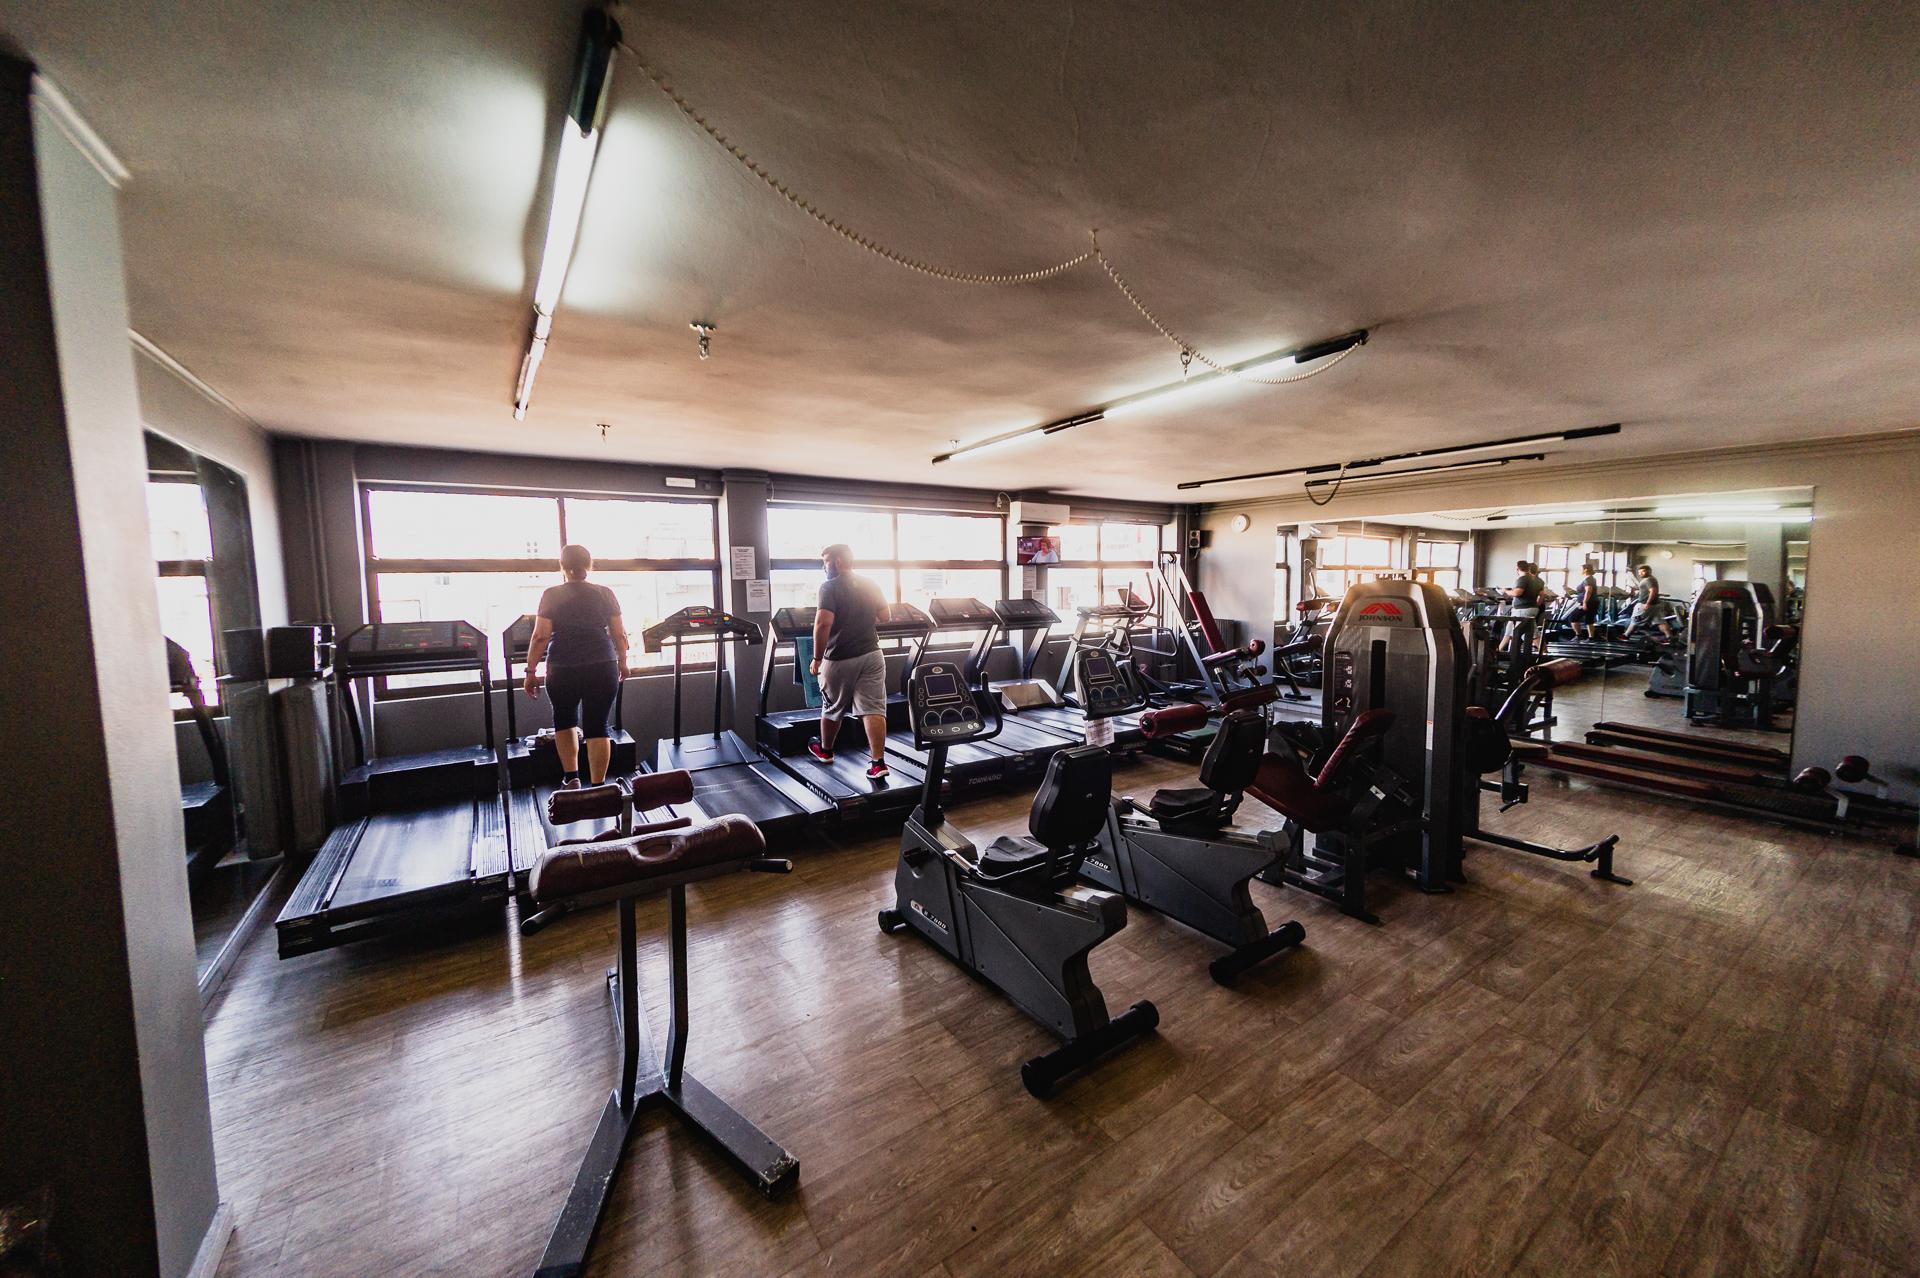 19€ για ένα (1) μήνα ή 29€ για δυο (2) μήνες ή 49€ για έξι (6) μήνες συνδρομή με συμμετοχή στα ομαδικά προγράμματα, χρήση οργάνων και ΔΩΡΟ η εγγραφή στο Paradise Fitness Club στη Νίκαια!